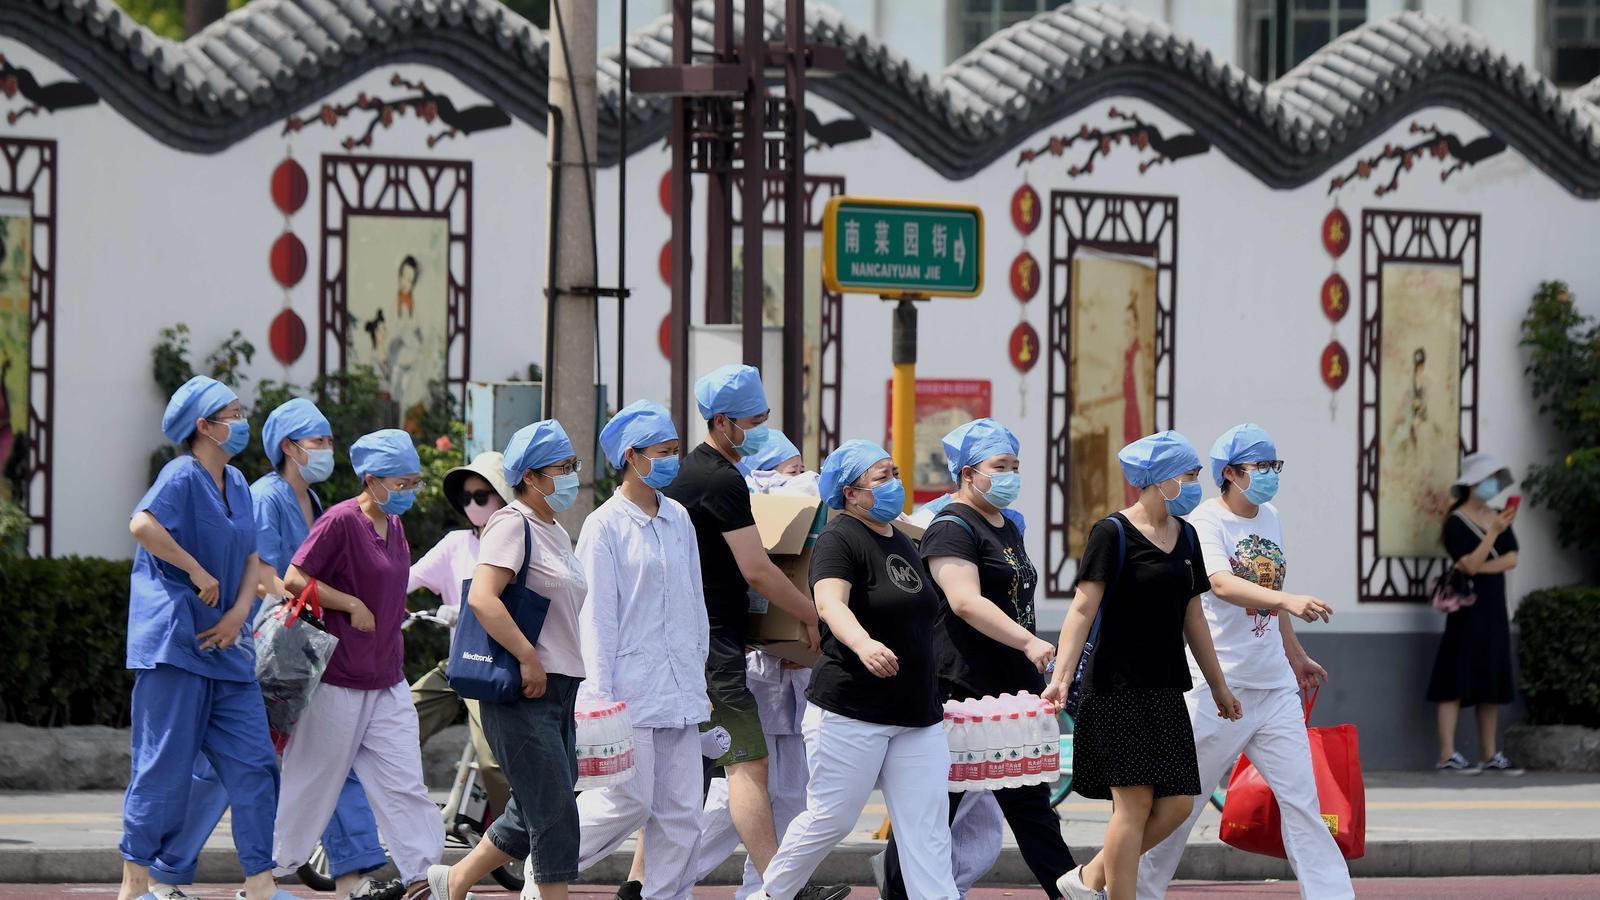 Més de vuit milions de contagis al món i alarma pel rebrot a Pequín